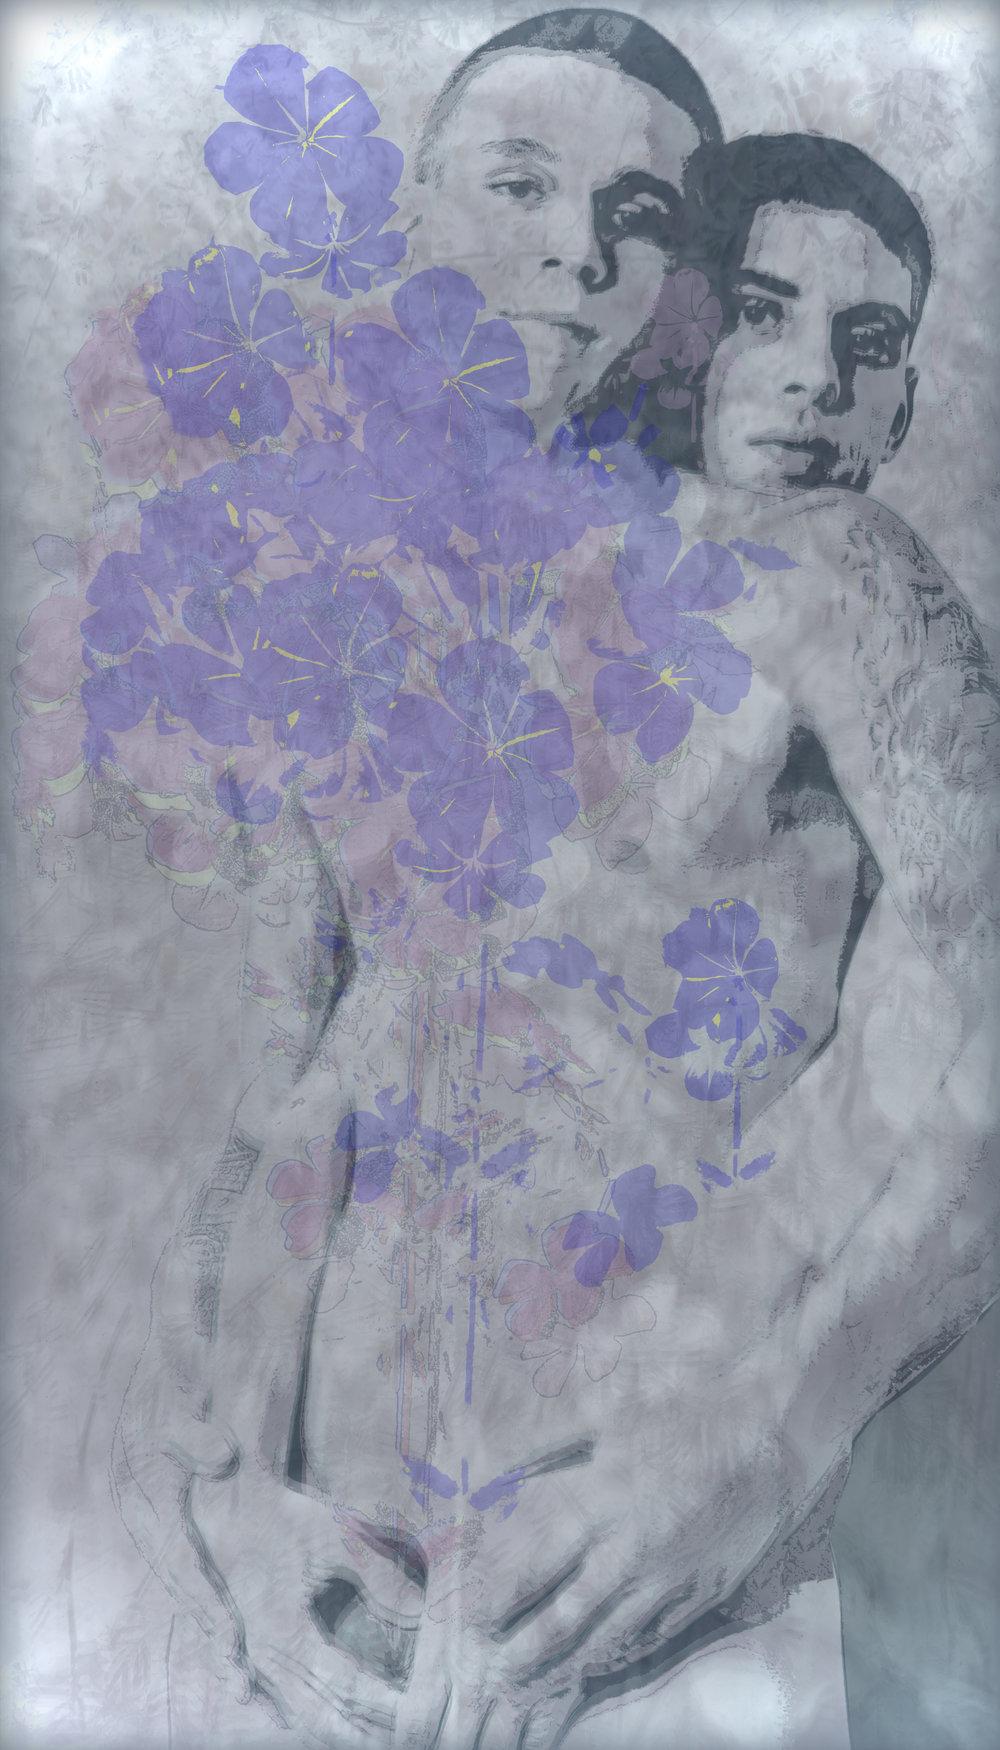 John Waiblinger-Growing Flowers-Digital Art on paper-13.75x24-1of10-2017-Framed-$975.jpg